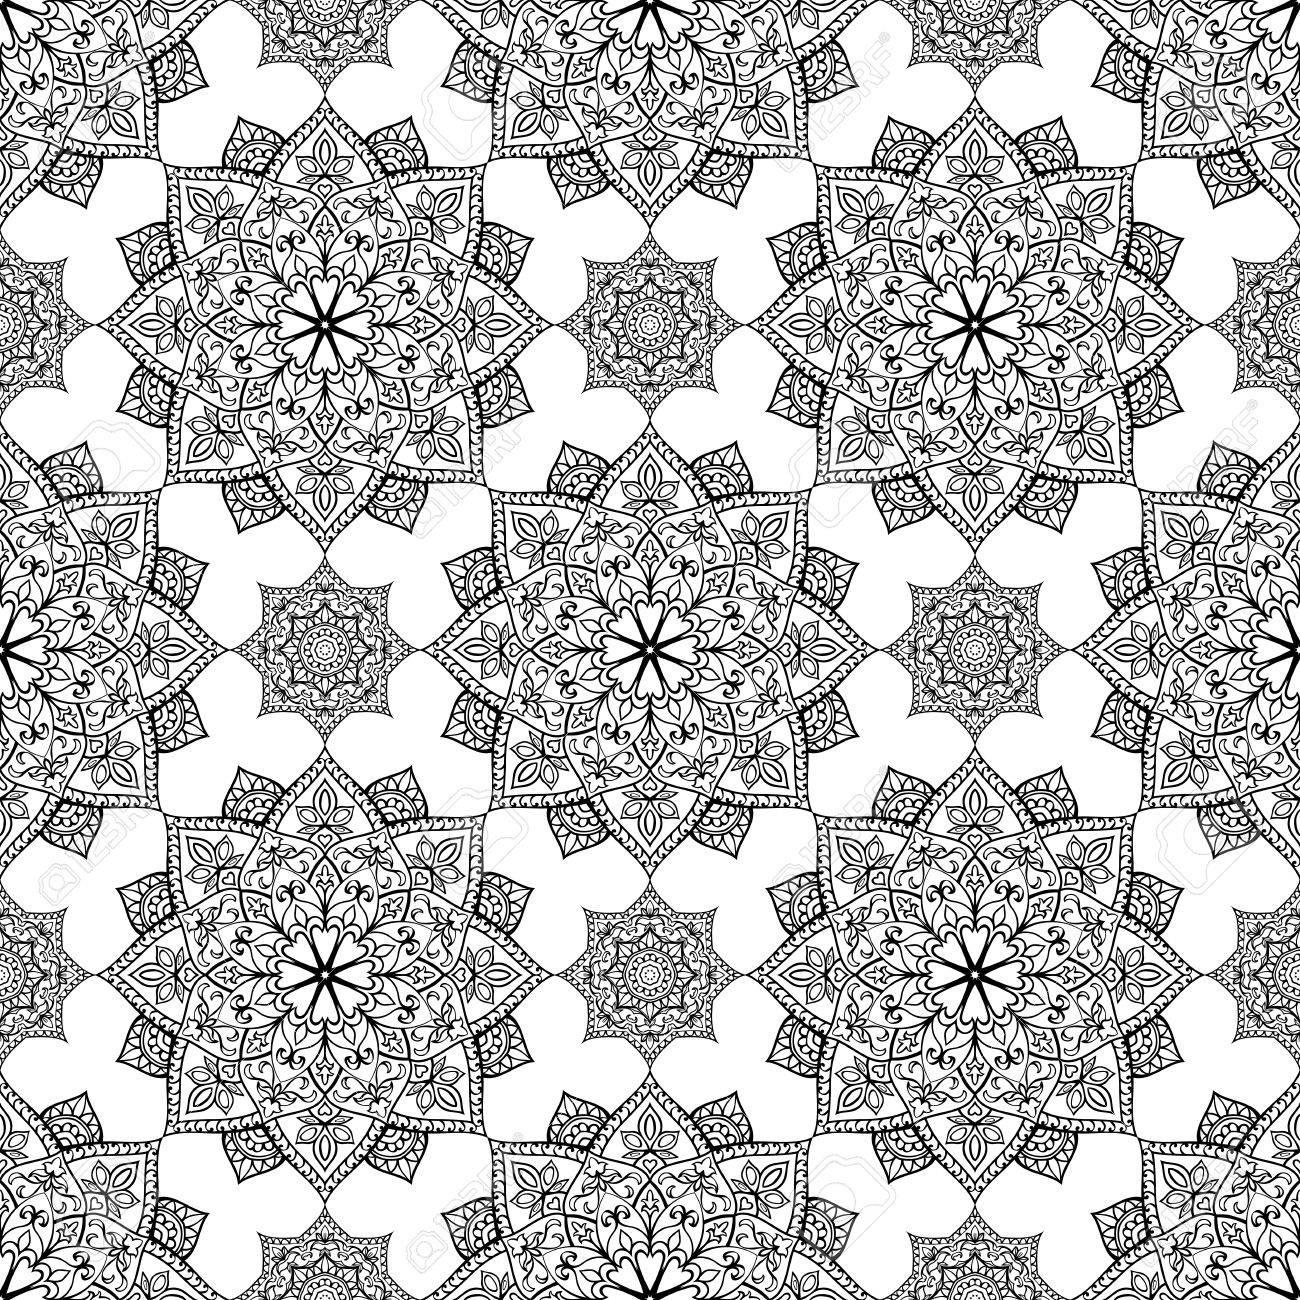 nahtlose, östliche, grafische muster von mandalas auf weißem